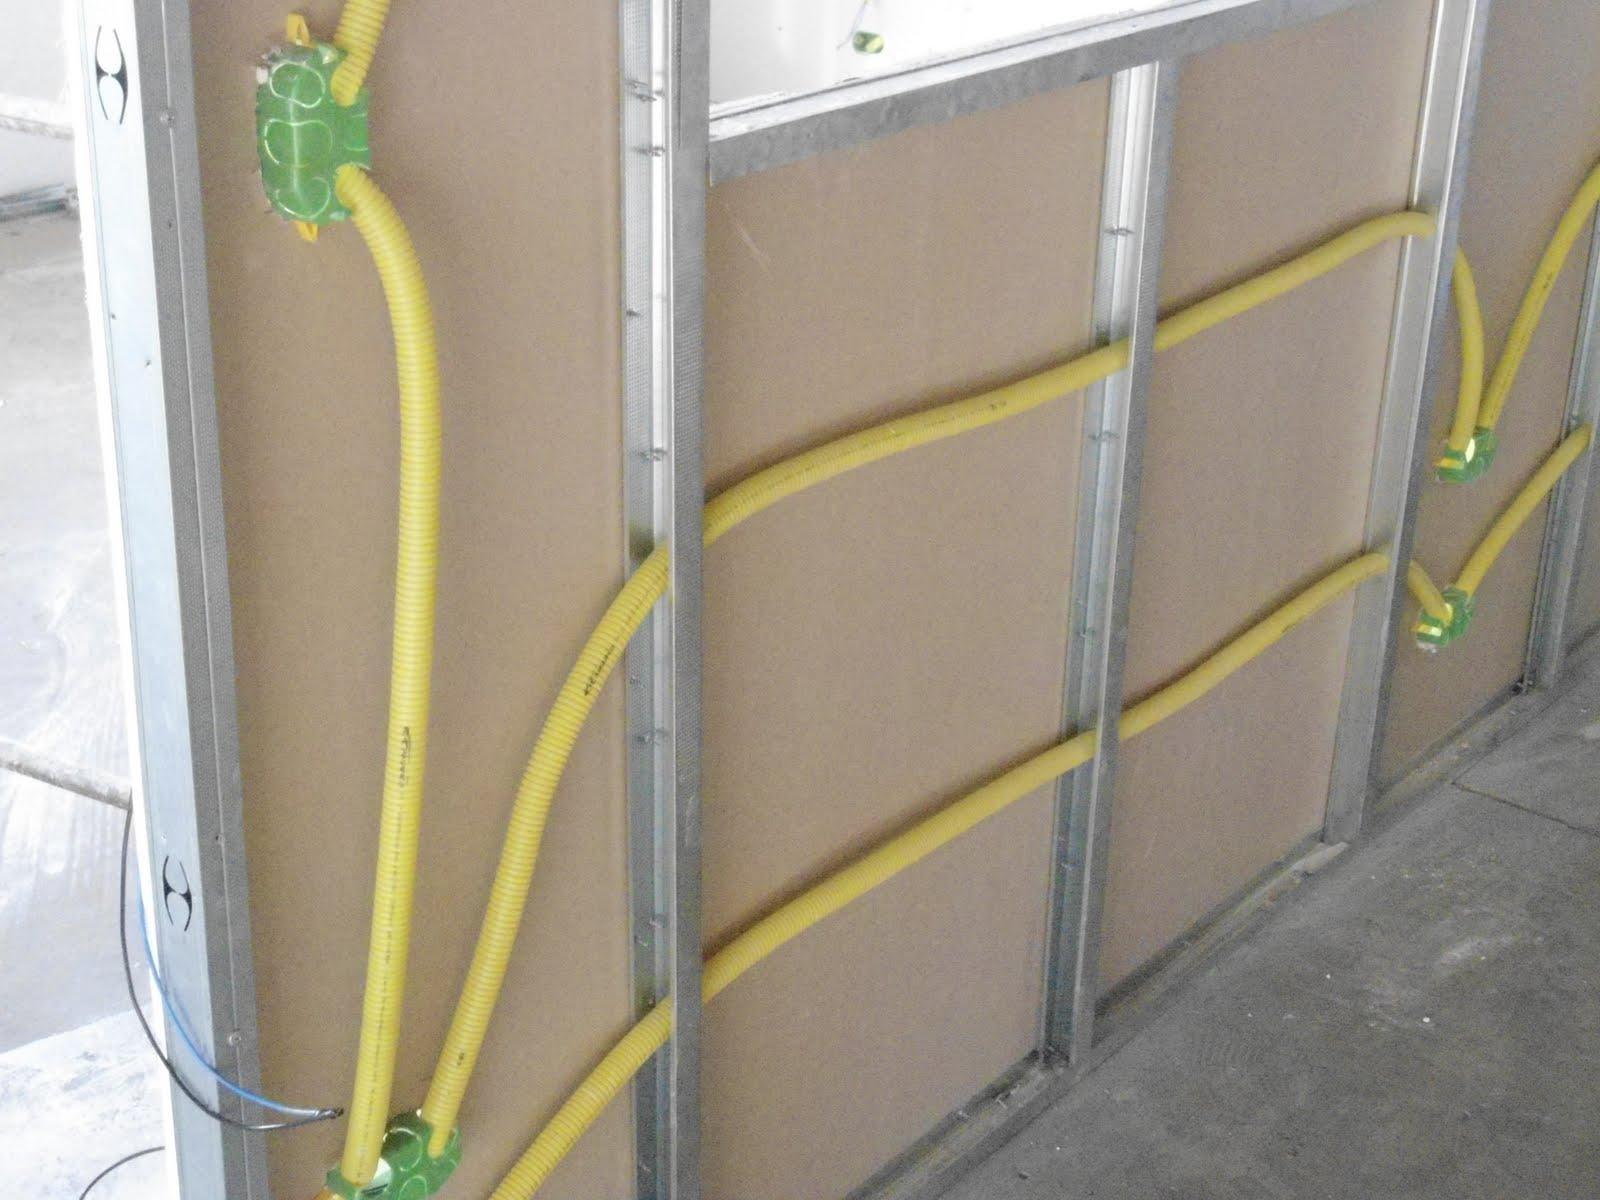 #978B34 preço m2 gesso acartonado SP gesso teto drywall SP drywall preço m2  1418 Quanto Custa Uma Janela De Aluminio Para Quarto